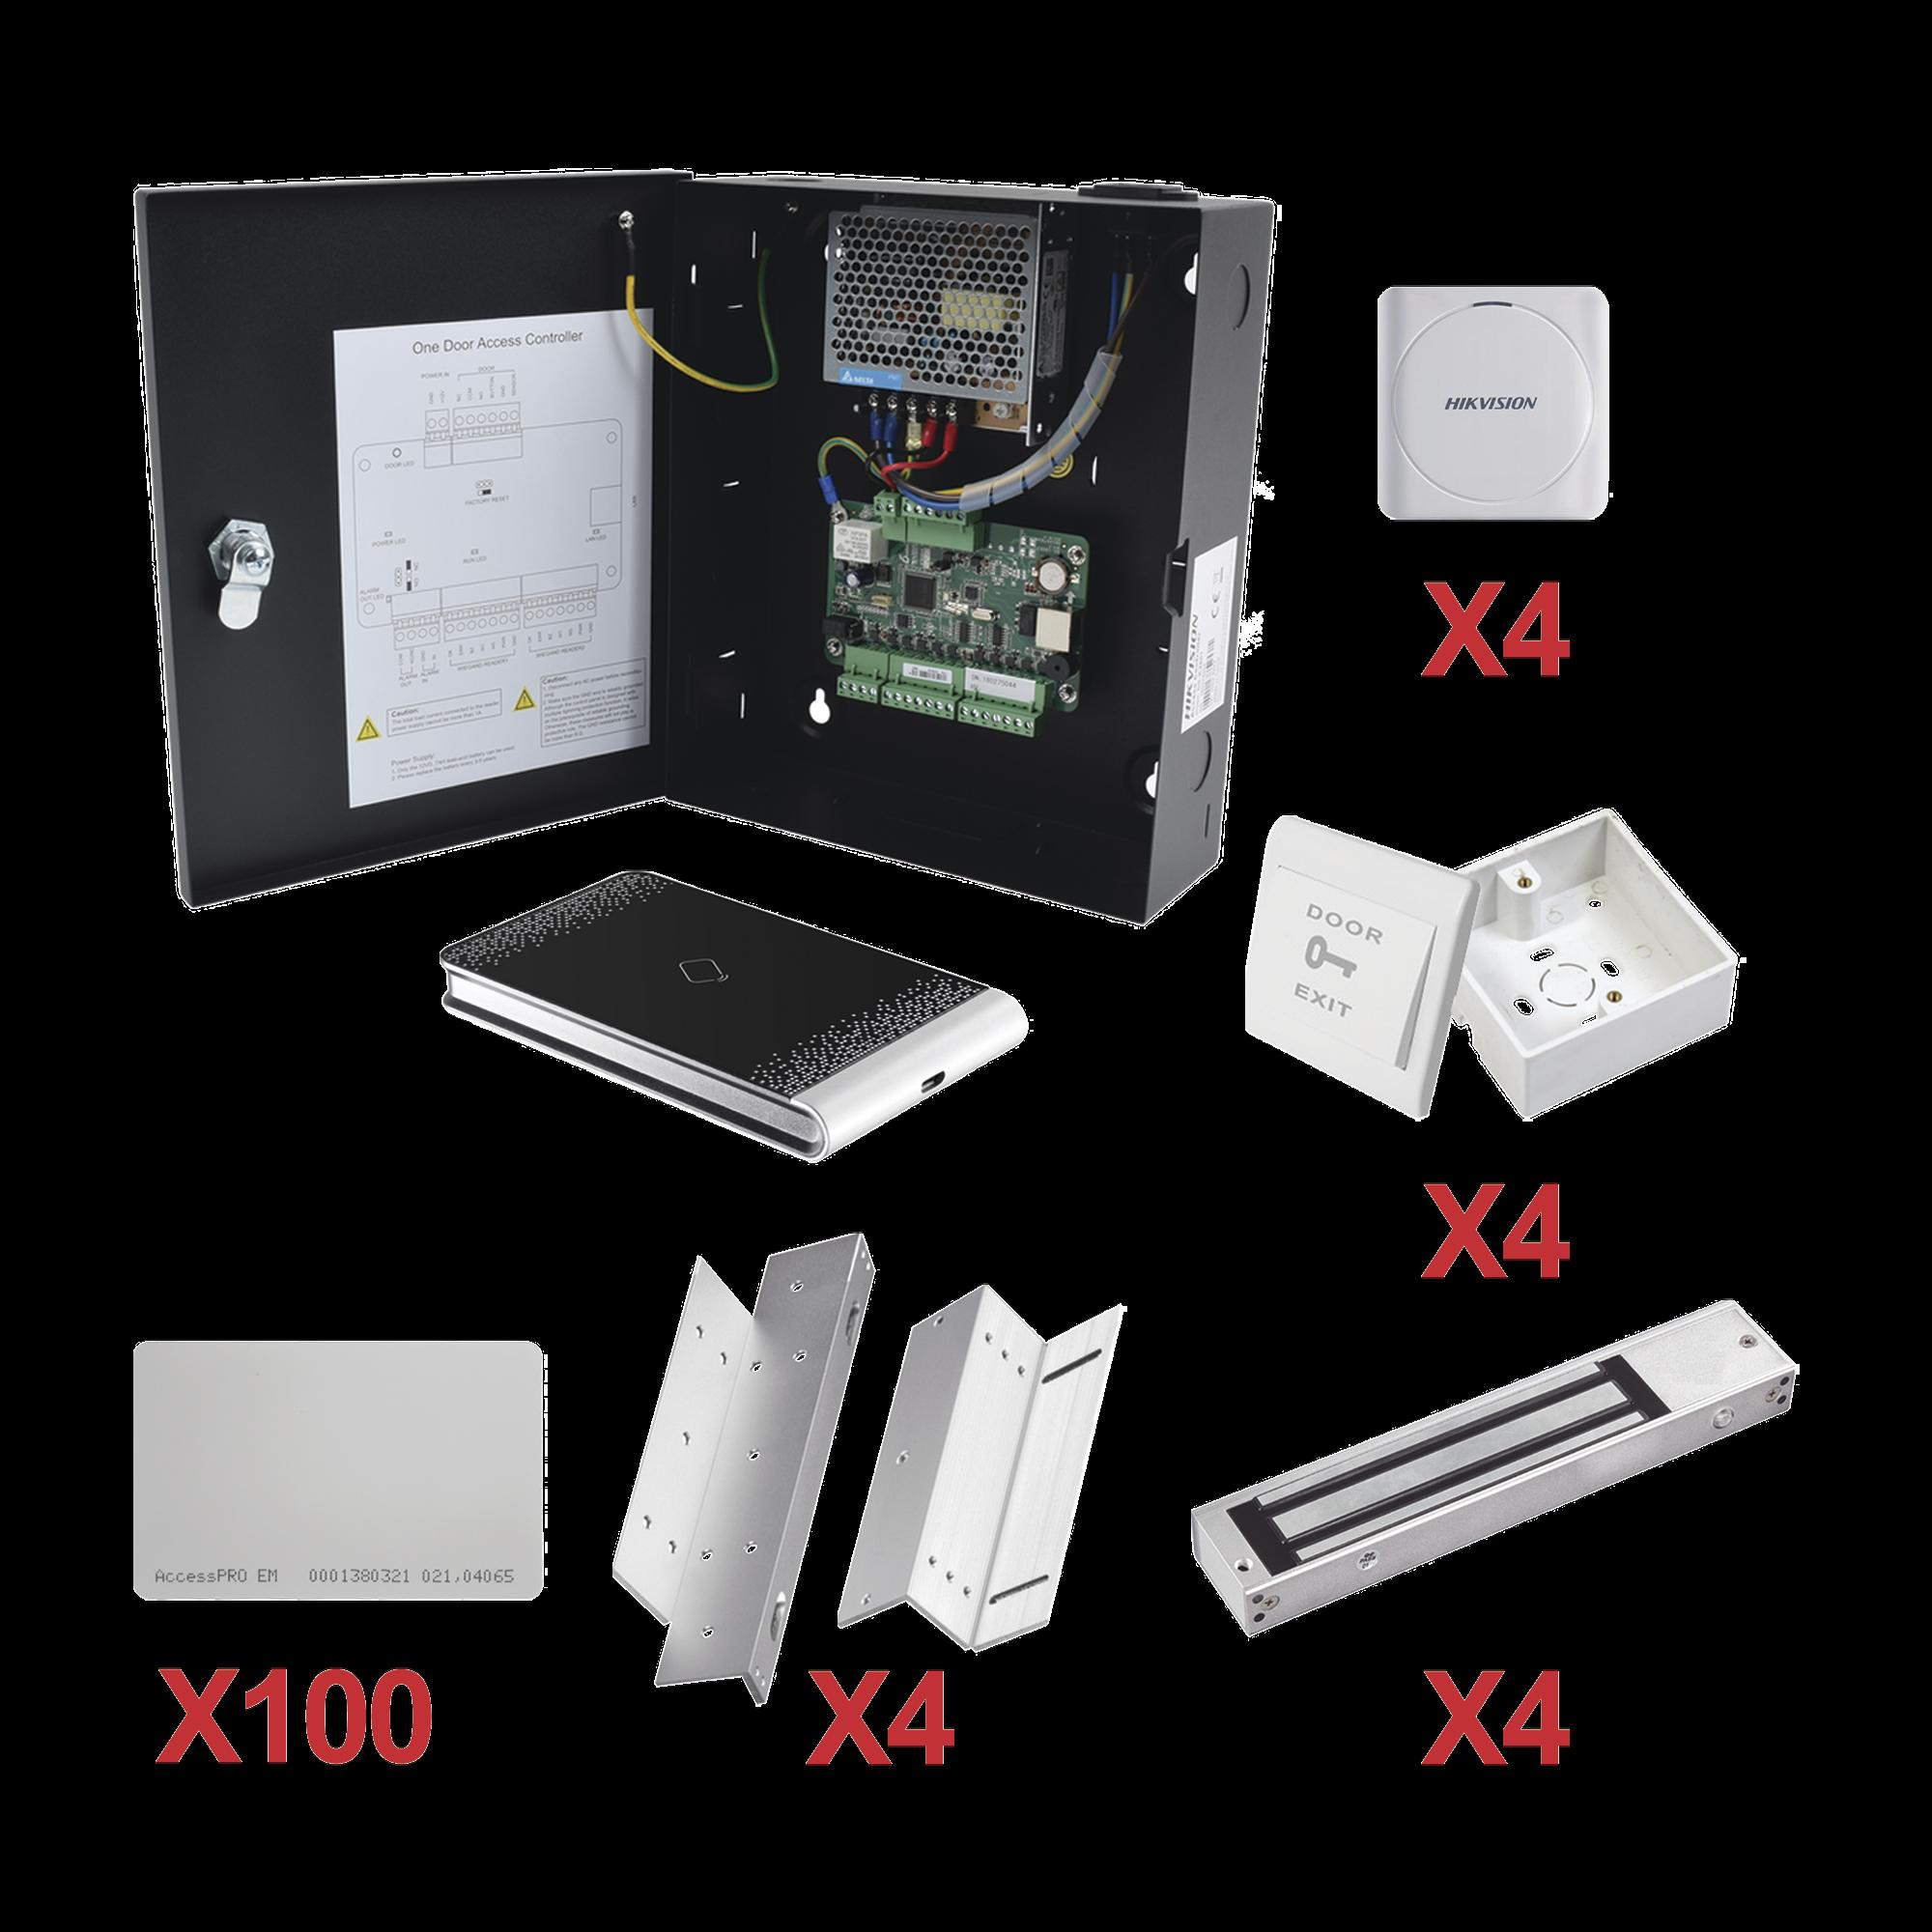 Kit de Control de Acceso con TARJETA para 4 Puertas  / TODO INCLUIDO / Software IVMS4200 incluido